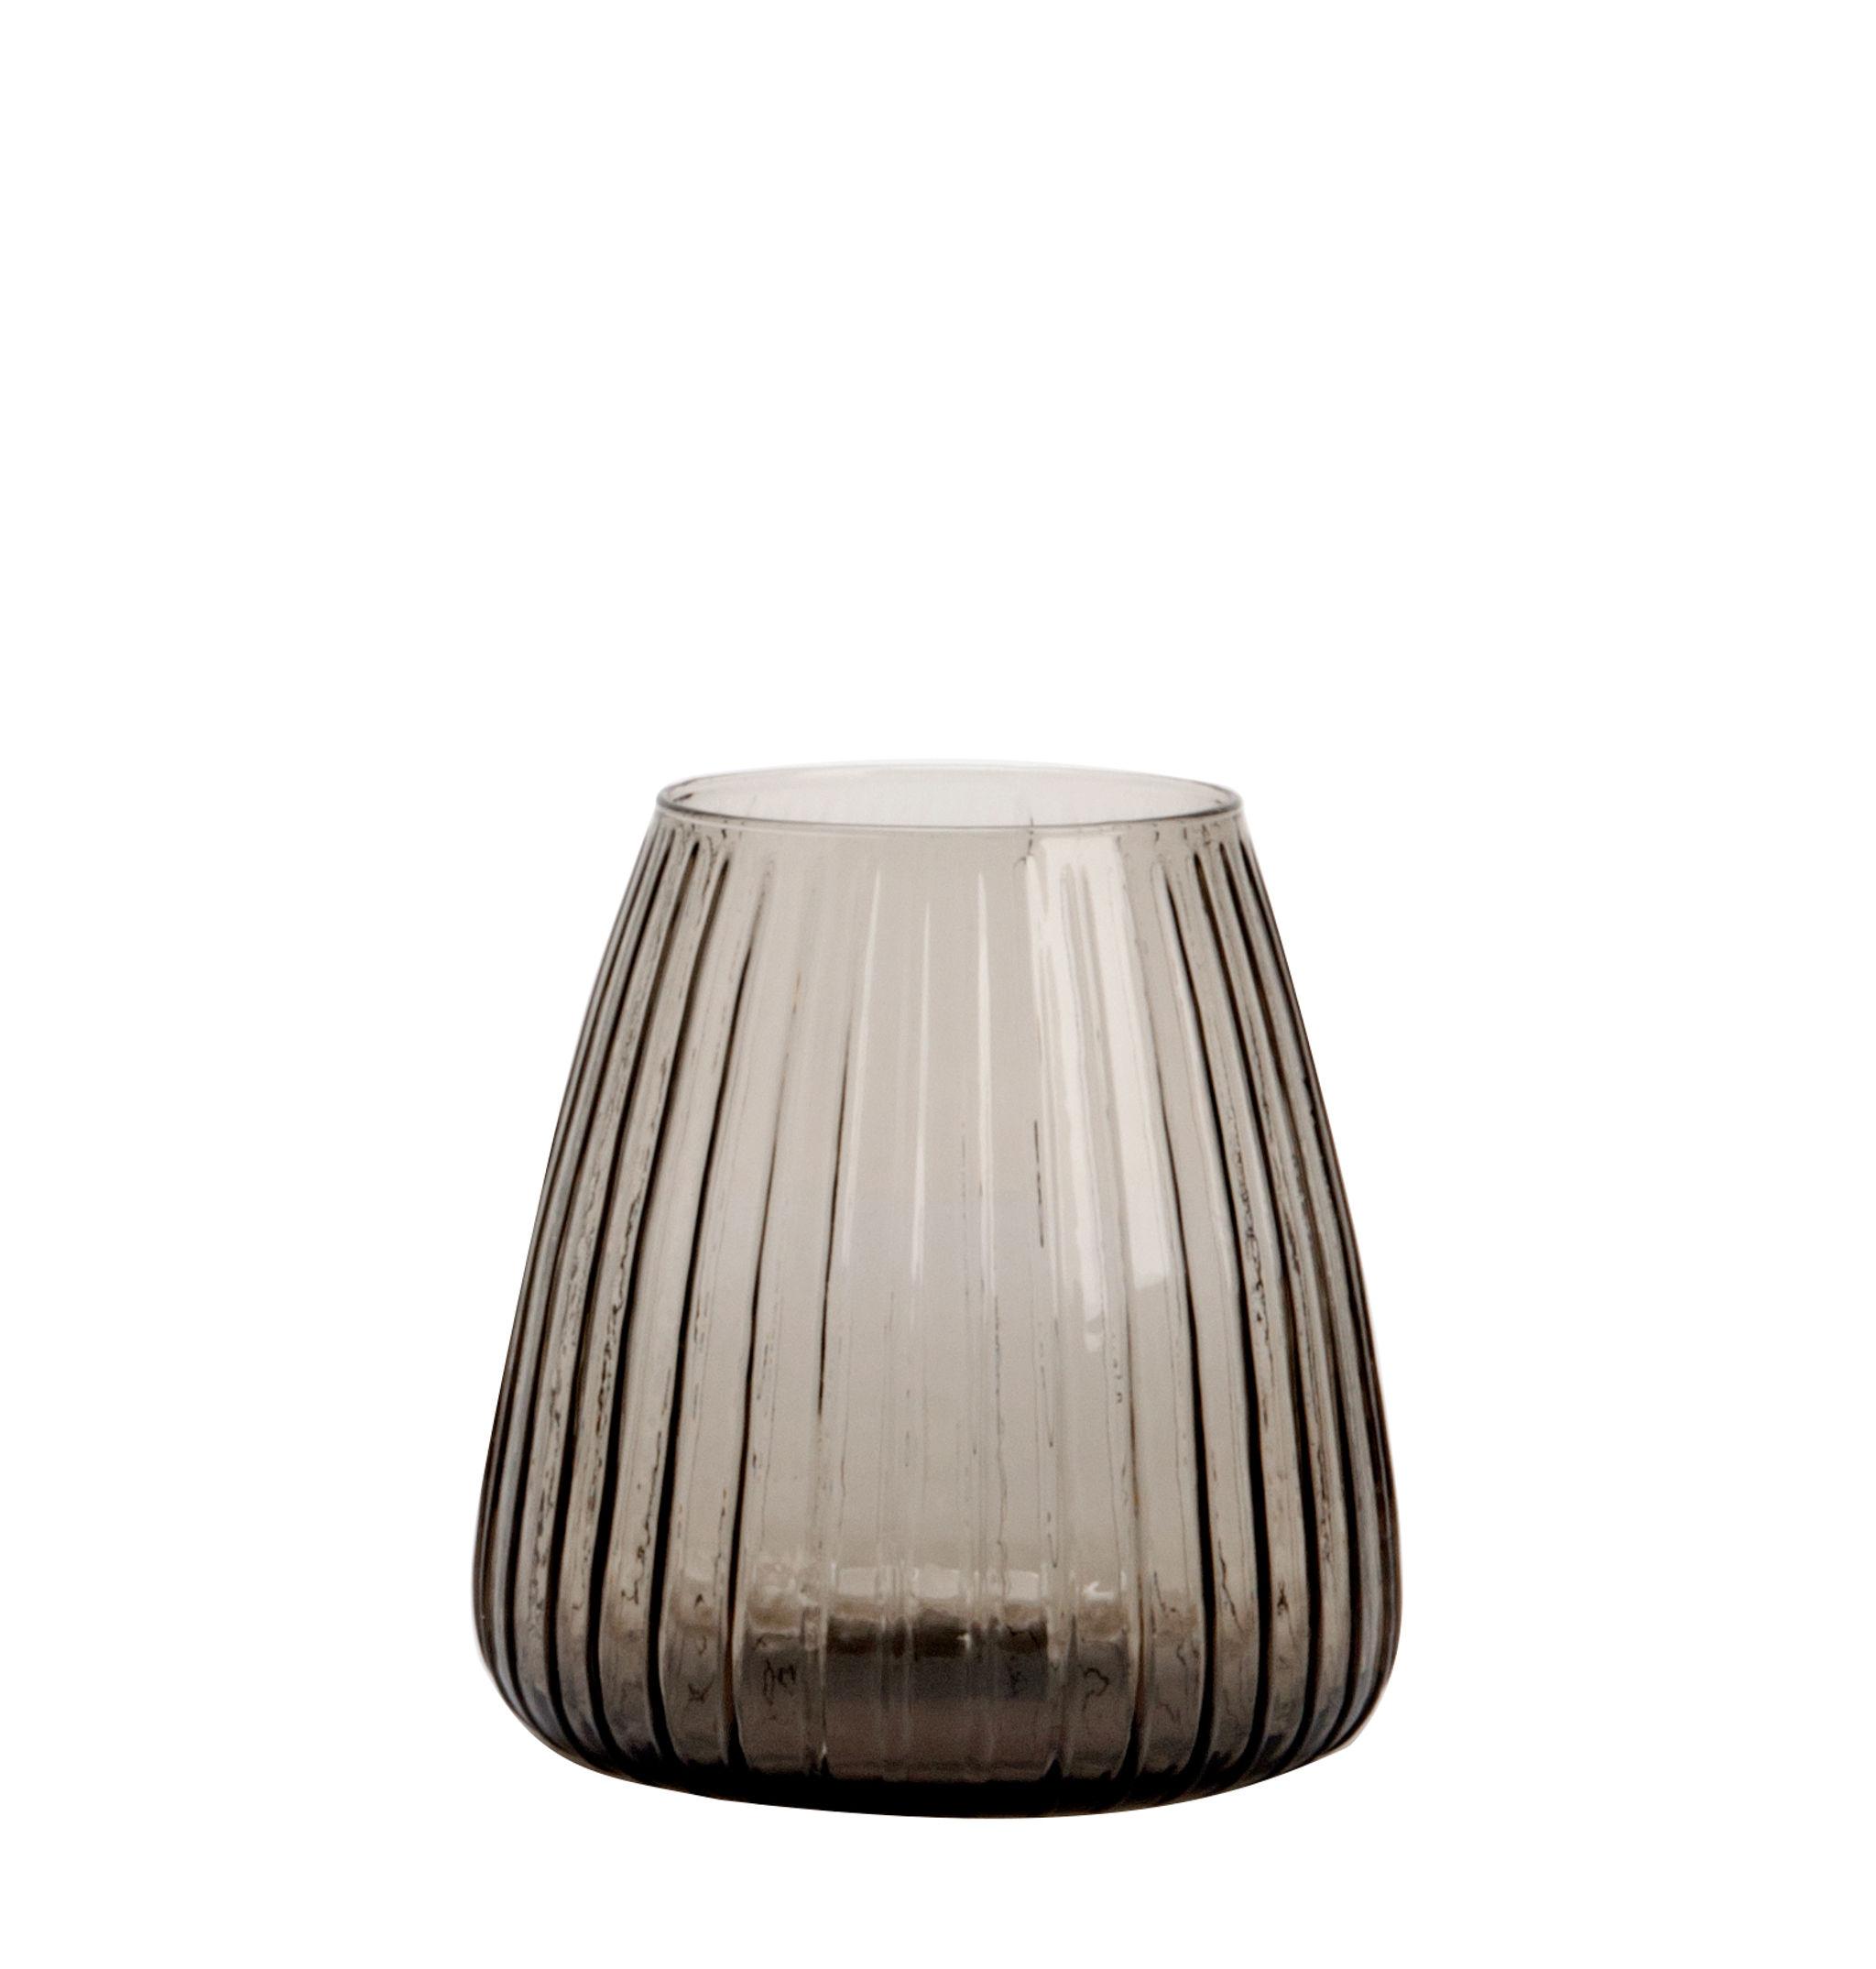 Déco - Vases - Vase Dim / Vase - Ø 15 x H 16 cm - XL Boom - Small / Rayé - Verre soufflé bouche